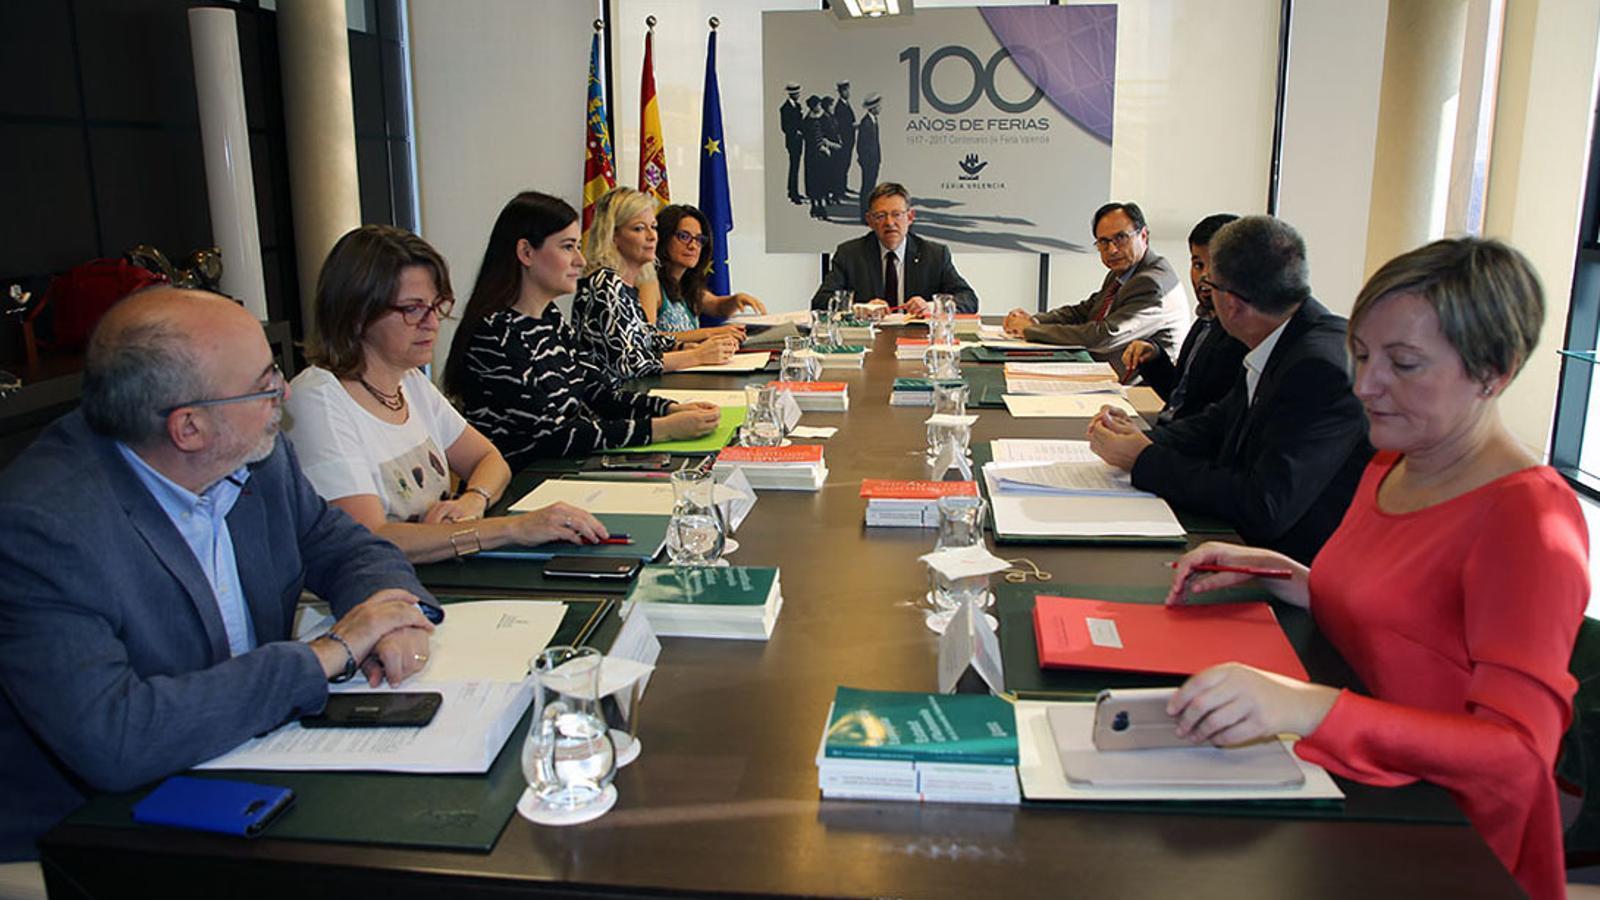 El ple del Consell que va aprovar l'ús preferent del valencià en l'administració autonòmica al qual s'oposa l'Advocacia de l'Estat / GENERALITAT VALENCIANA